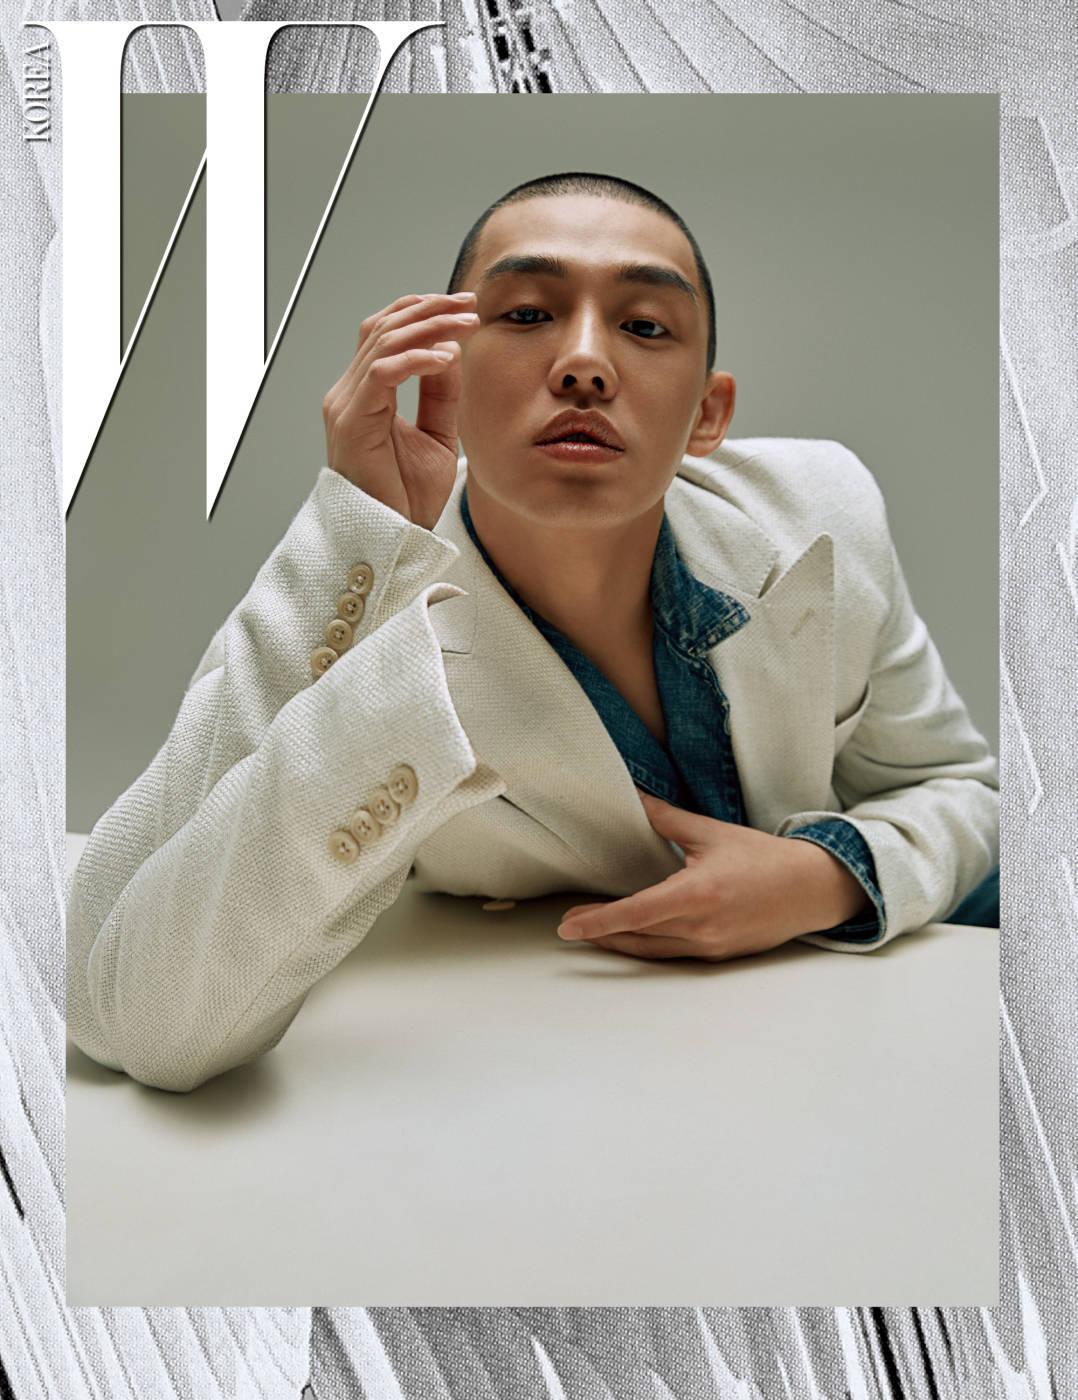 하얀색 재킷과 안에 입은 데님 재킷은 Polo Ralph Lauren 제품.